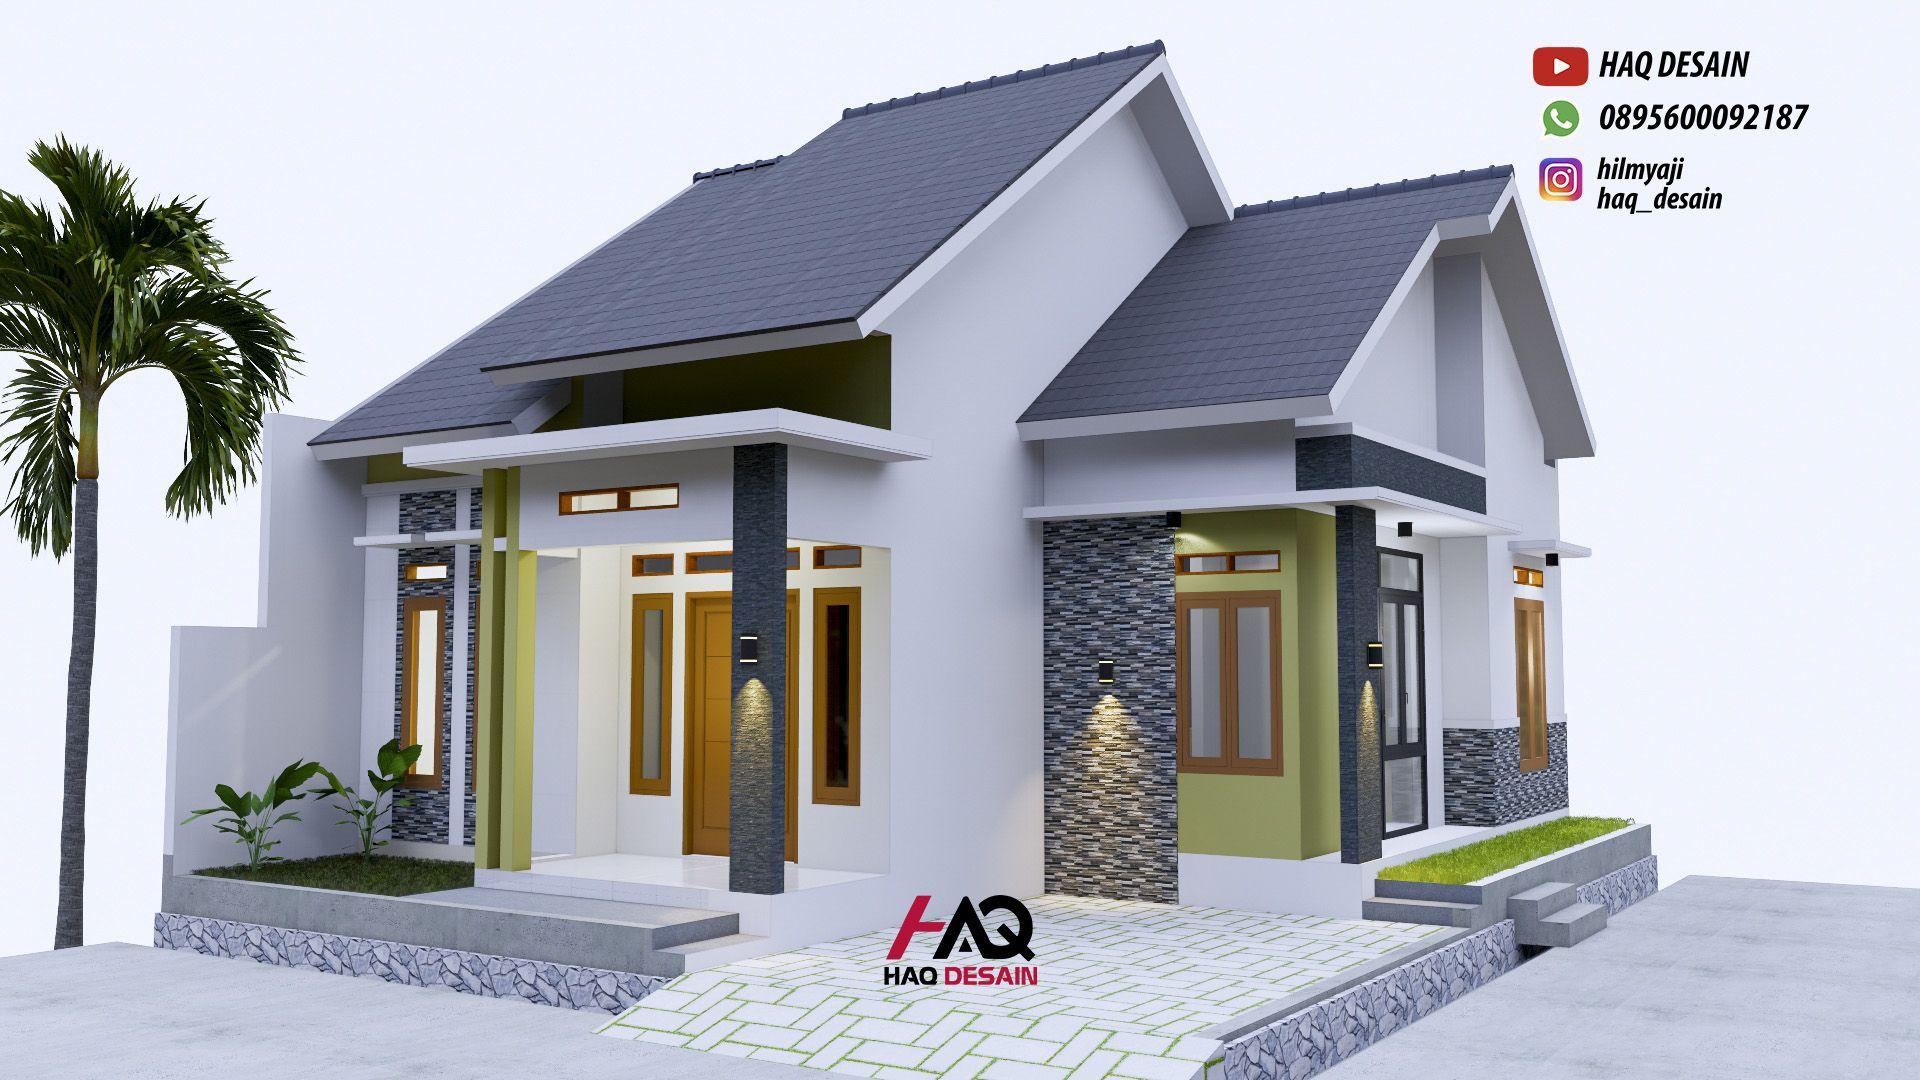 Gambar Rumah Minimalis Terbaru 2021 Rumah Minimalis Rumah Minimalis